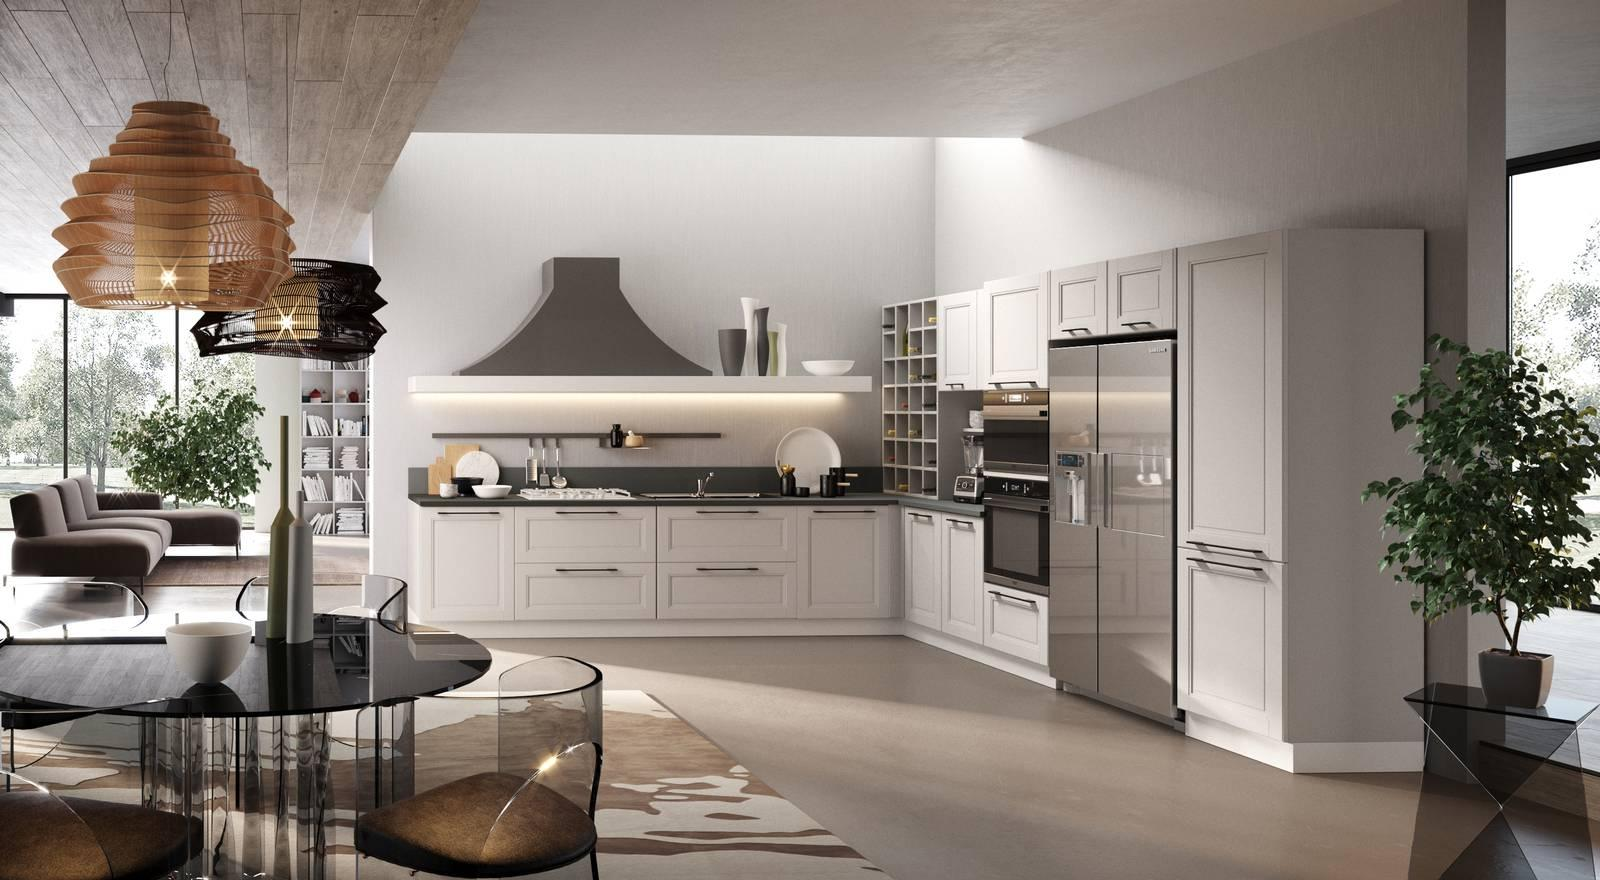 Mobili Chatodax Cucine.Speciale Cucina Focus Sulla Cappa Che Arreda Cose Di Casa